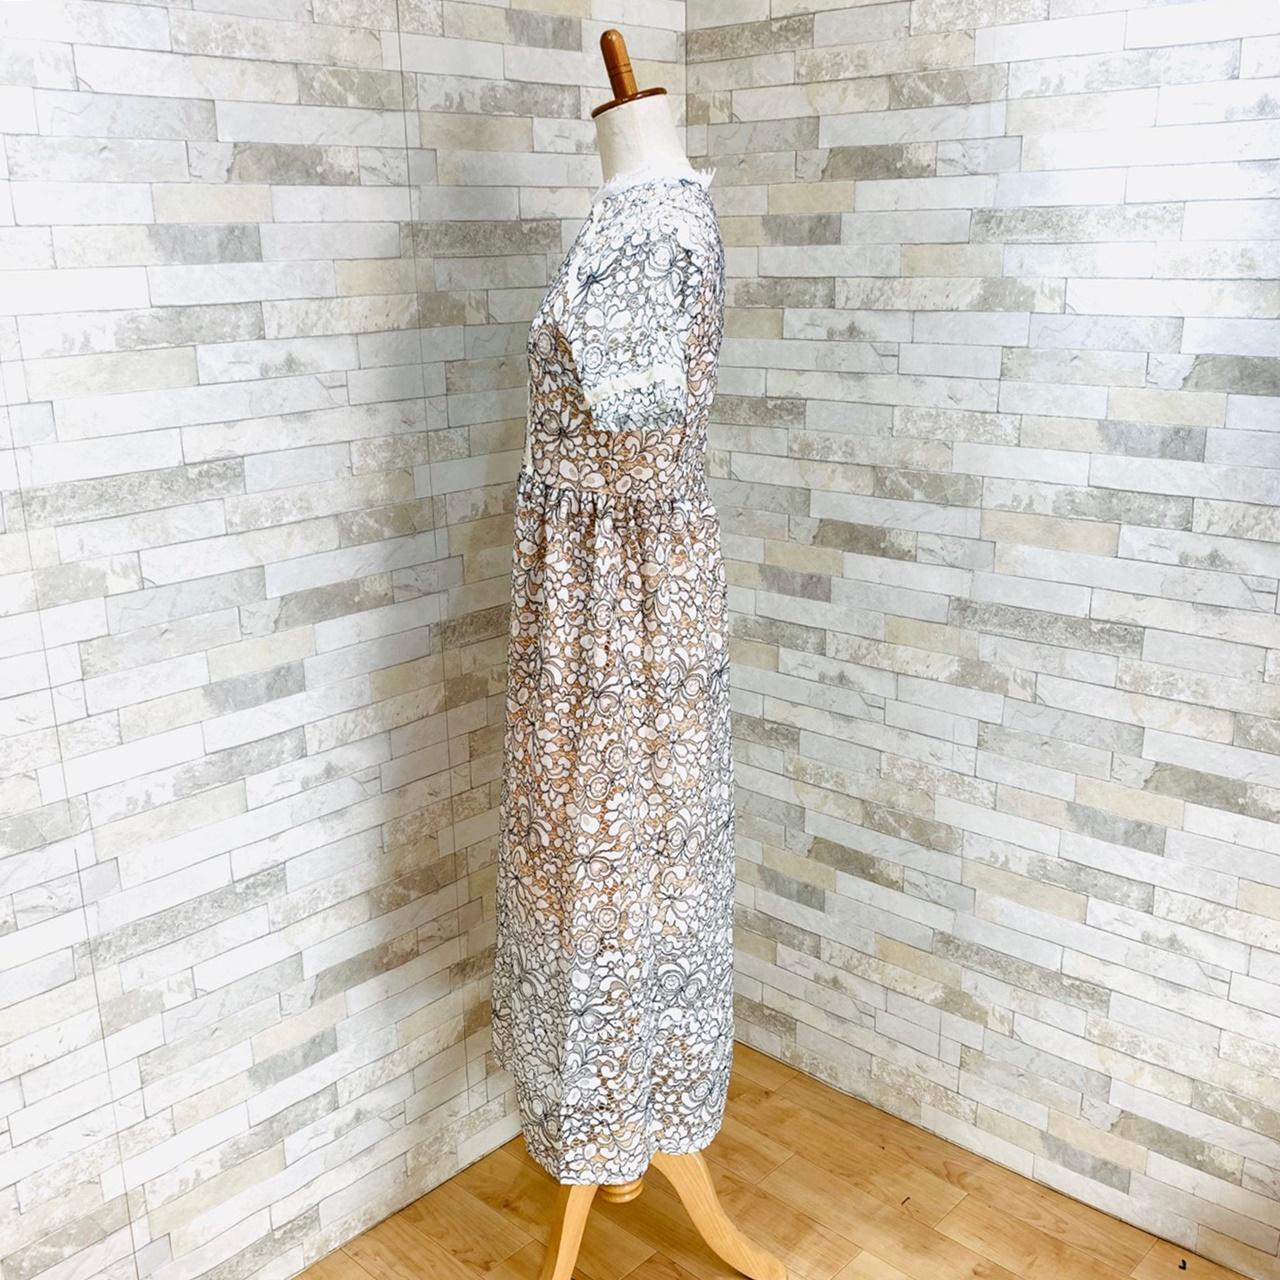 【即納】韓国 ファッション ワンピース パーティードレス ロング マキシ 夏 春 パーティー ブライダル SPTXE760 結婚式 お呼ばれ 総レース スタンドカラー ギャザ 二次会 セレブ きれいめの写真4枚目